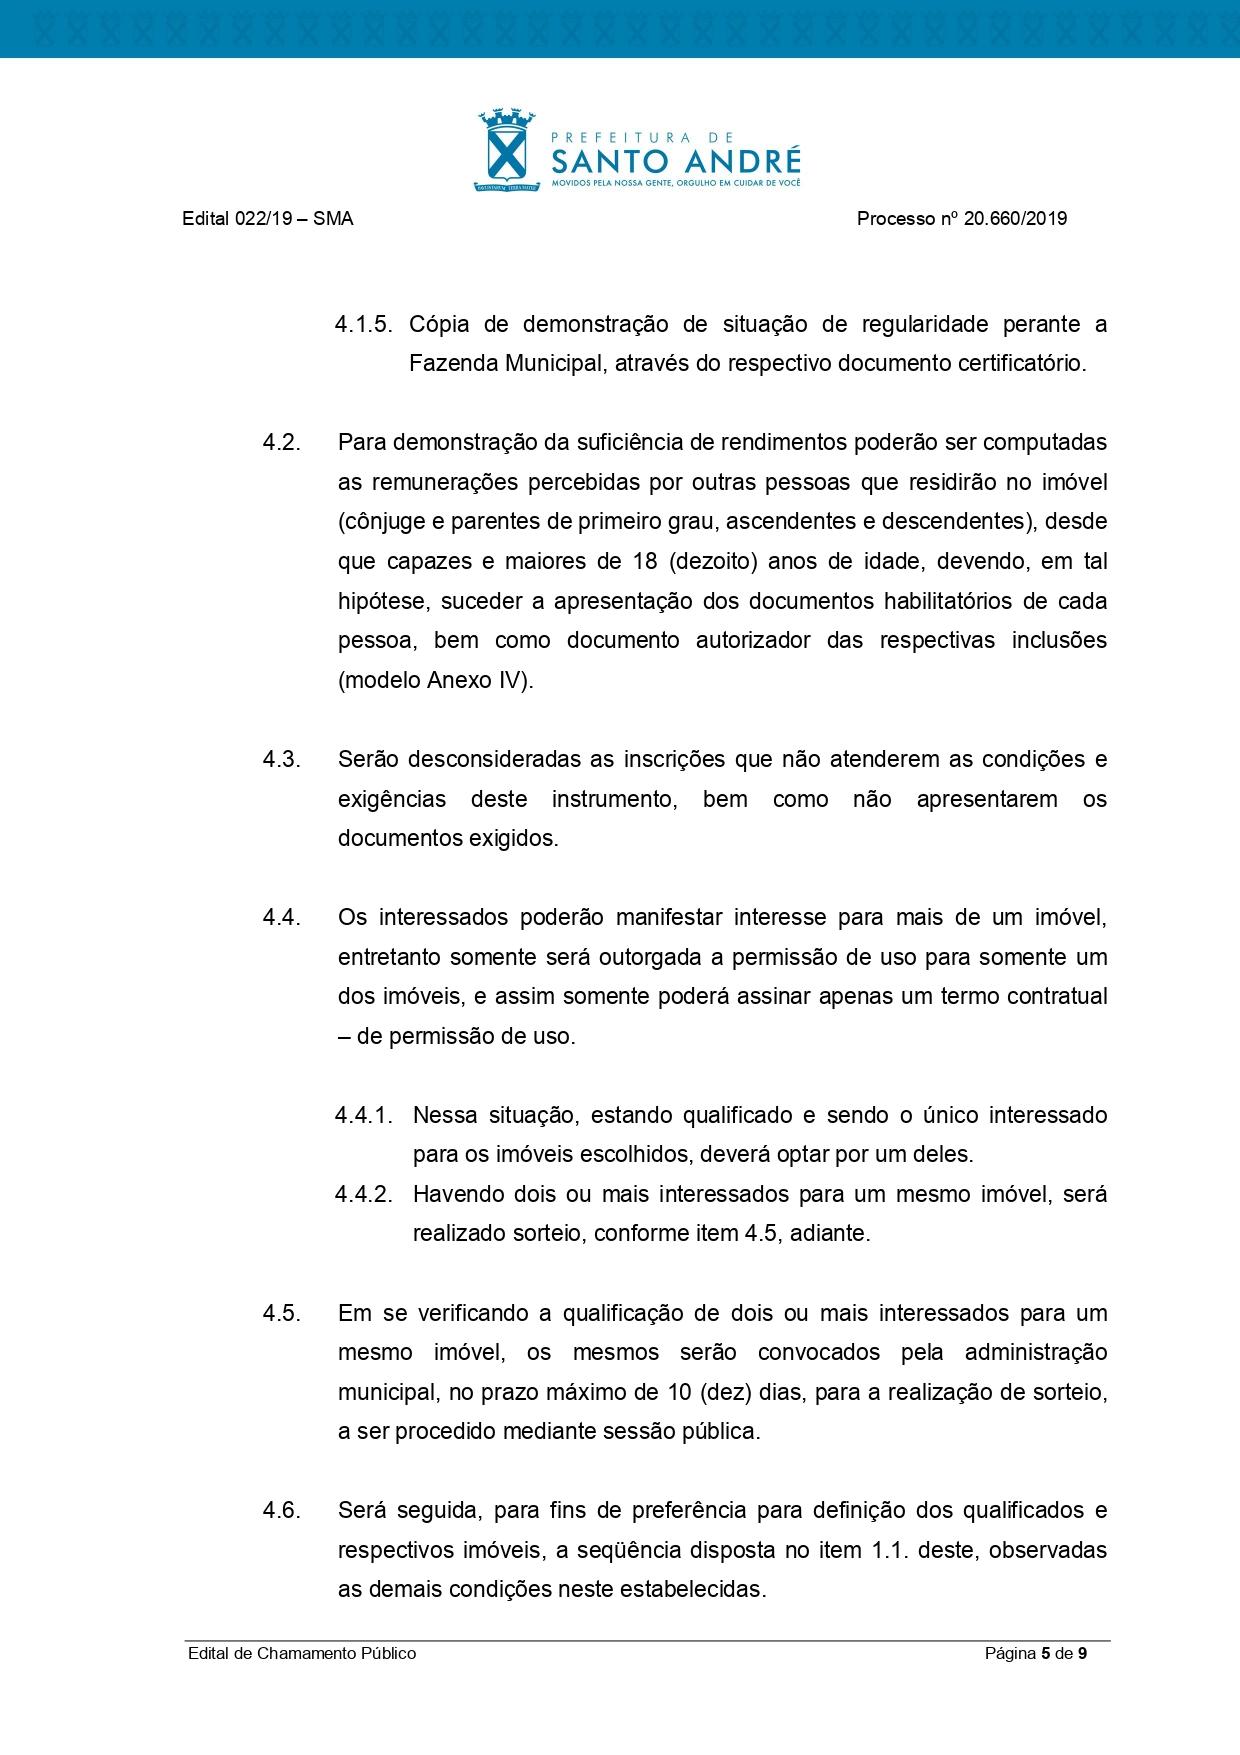 EDITAL 022-2019_SMA_IMÓVEIS RESIDENCIAIS_5882_pages-to-jpg-0005